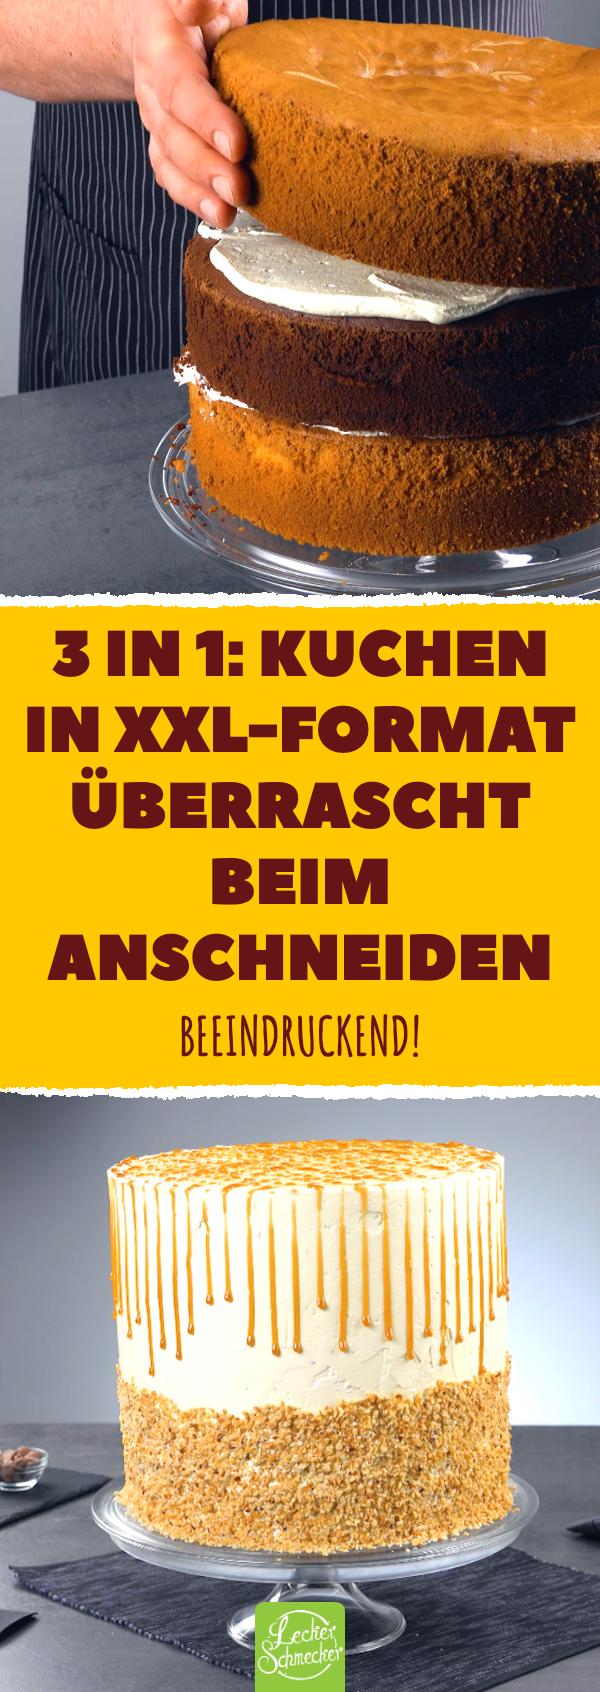 3 in 1 Kuchen in XXL Format überrascht beim Anschneiden ...